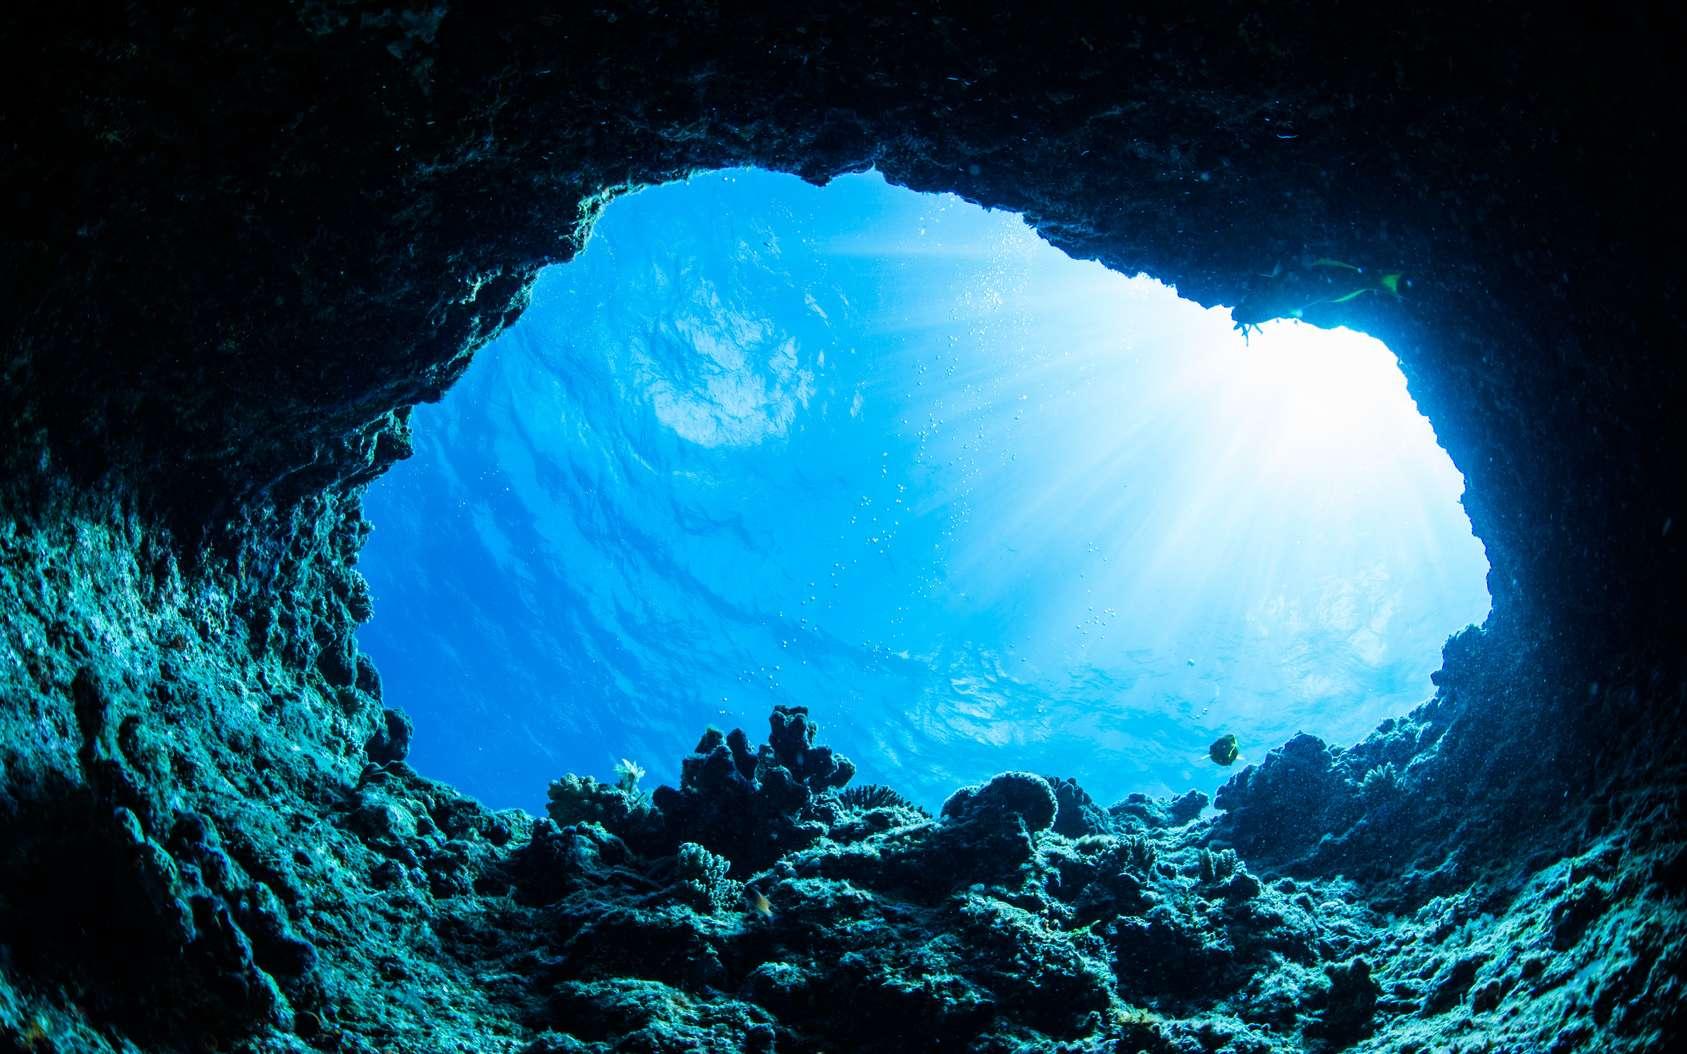 La plus grande grotte sous-marine du monde a été découverte au Mexique. Ici, une grotte sous-marine. Plus de 358 systèmes sont connus dans l'État de Quintana Roo, au Mexique. © divedog, Fotolia